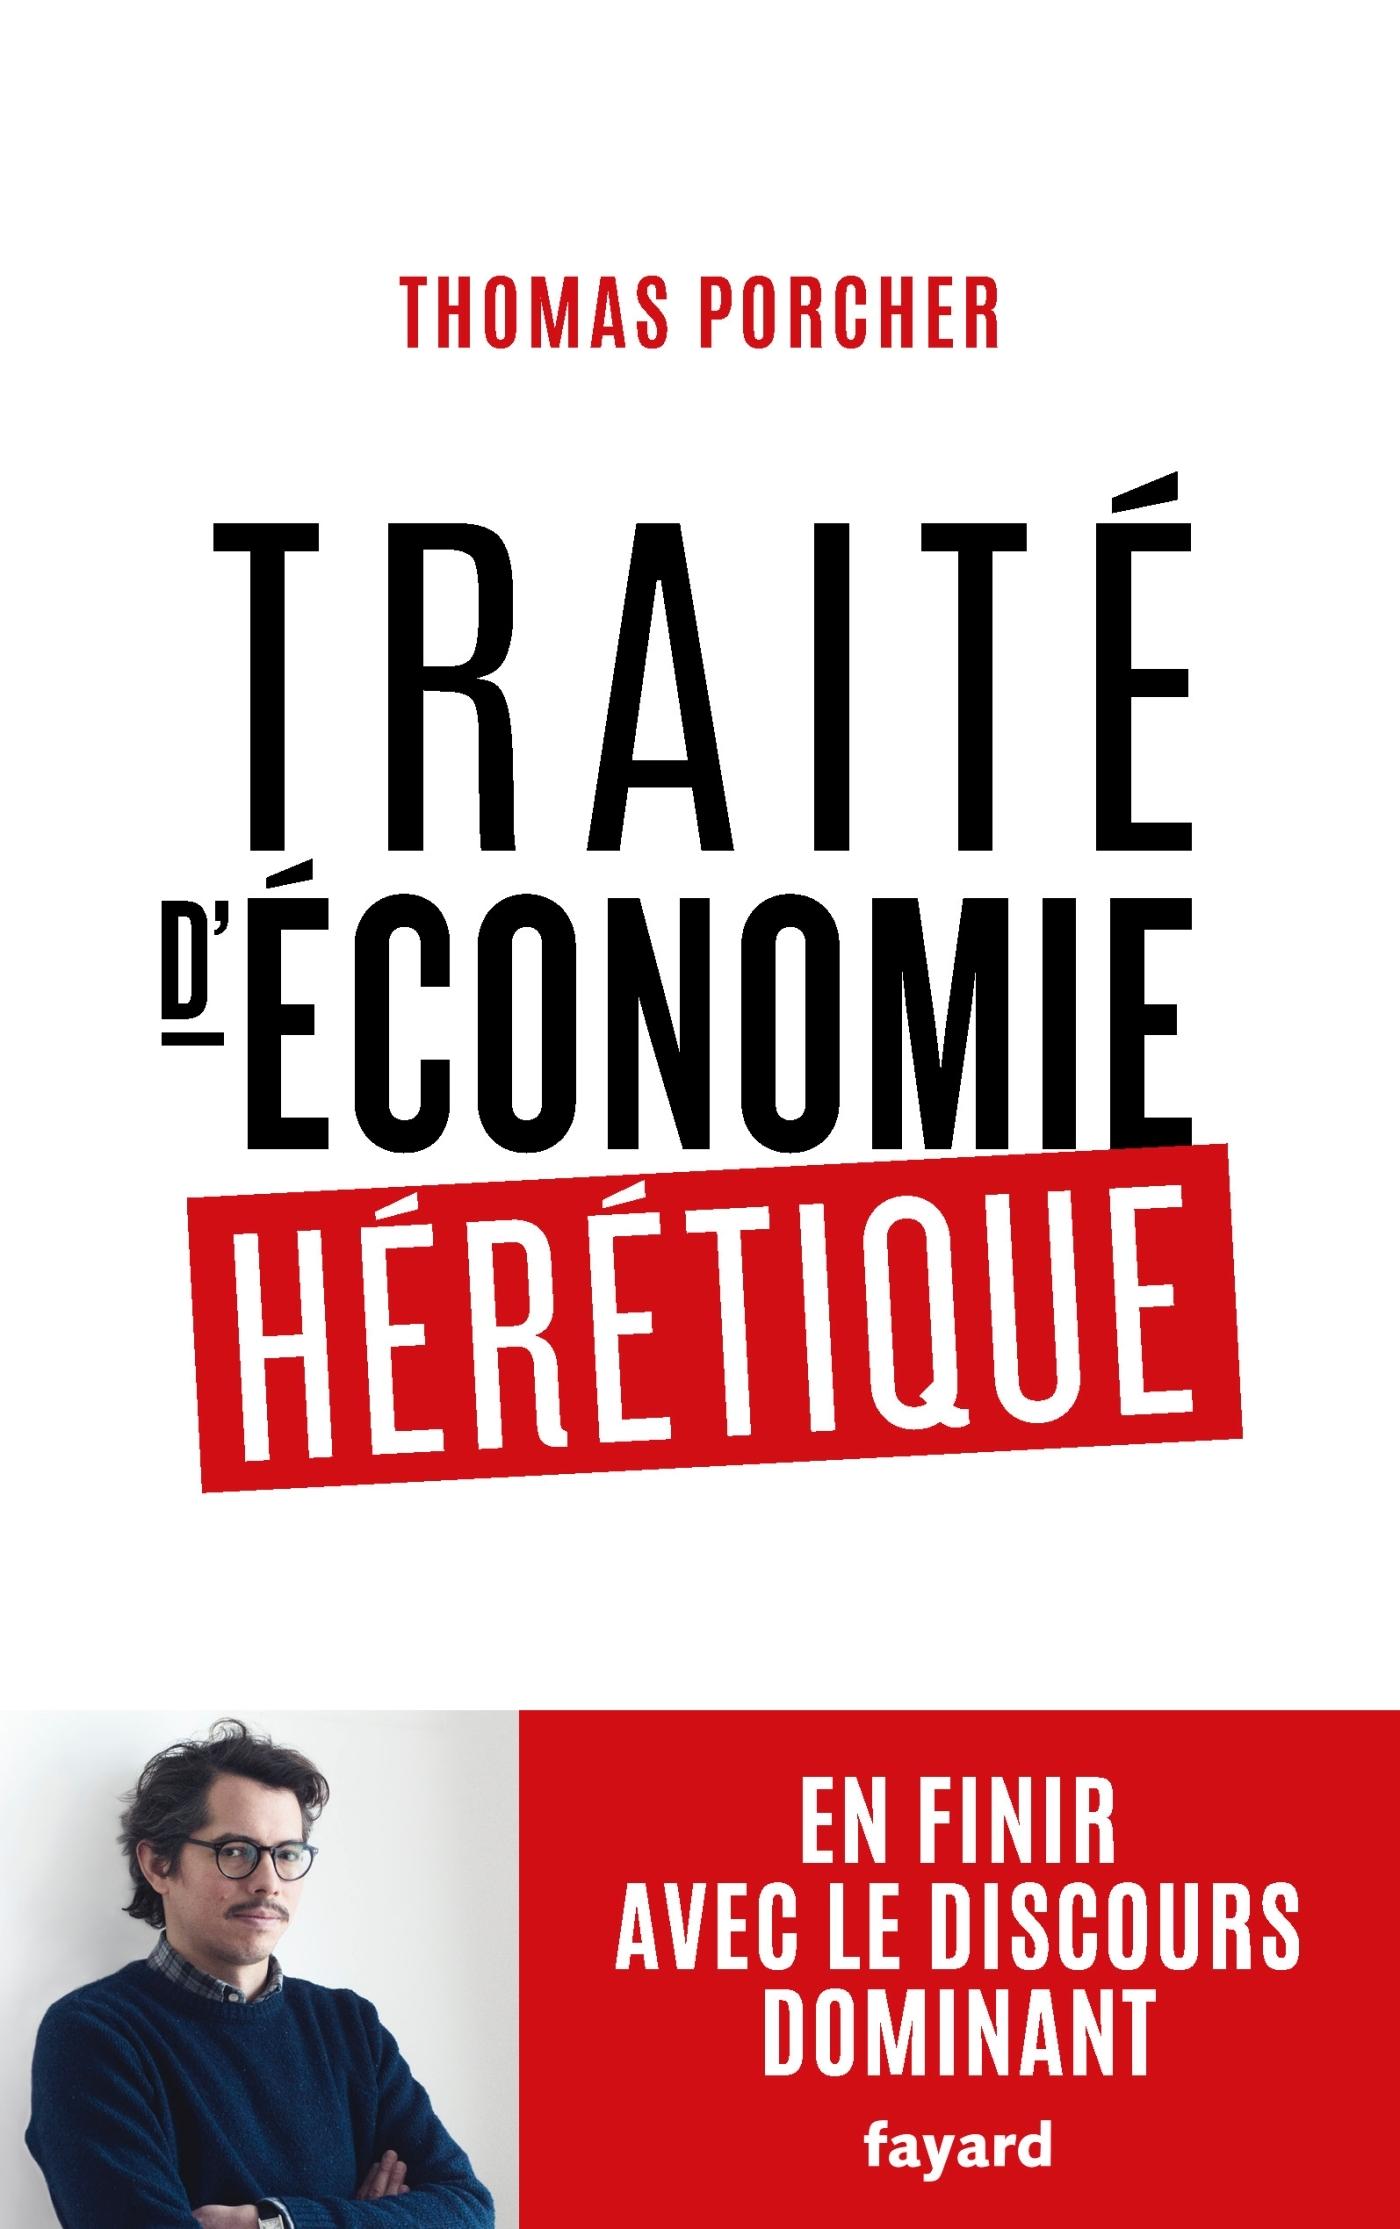 TRAITE D'ECONOMIE HERETIQUE